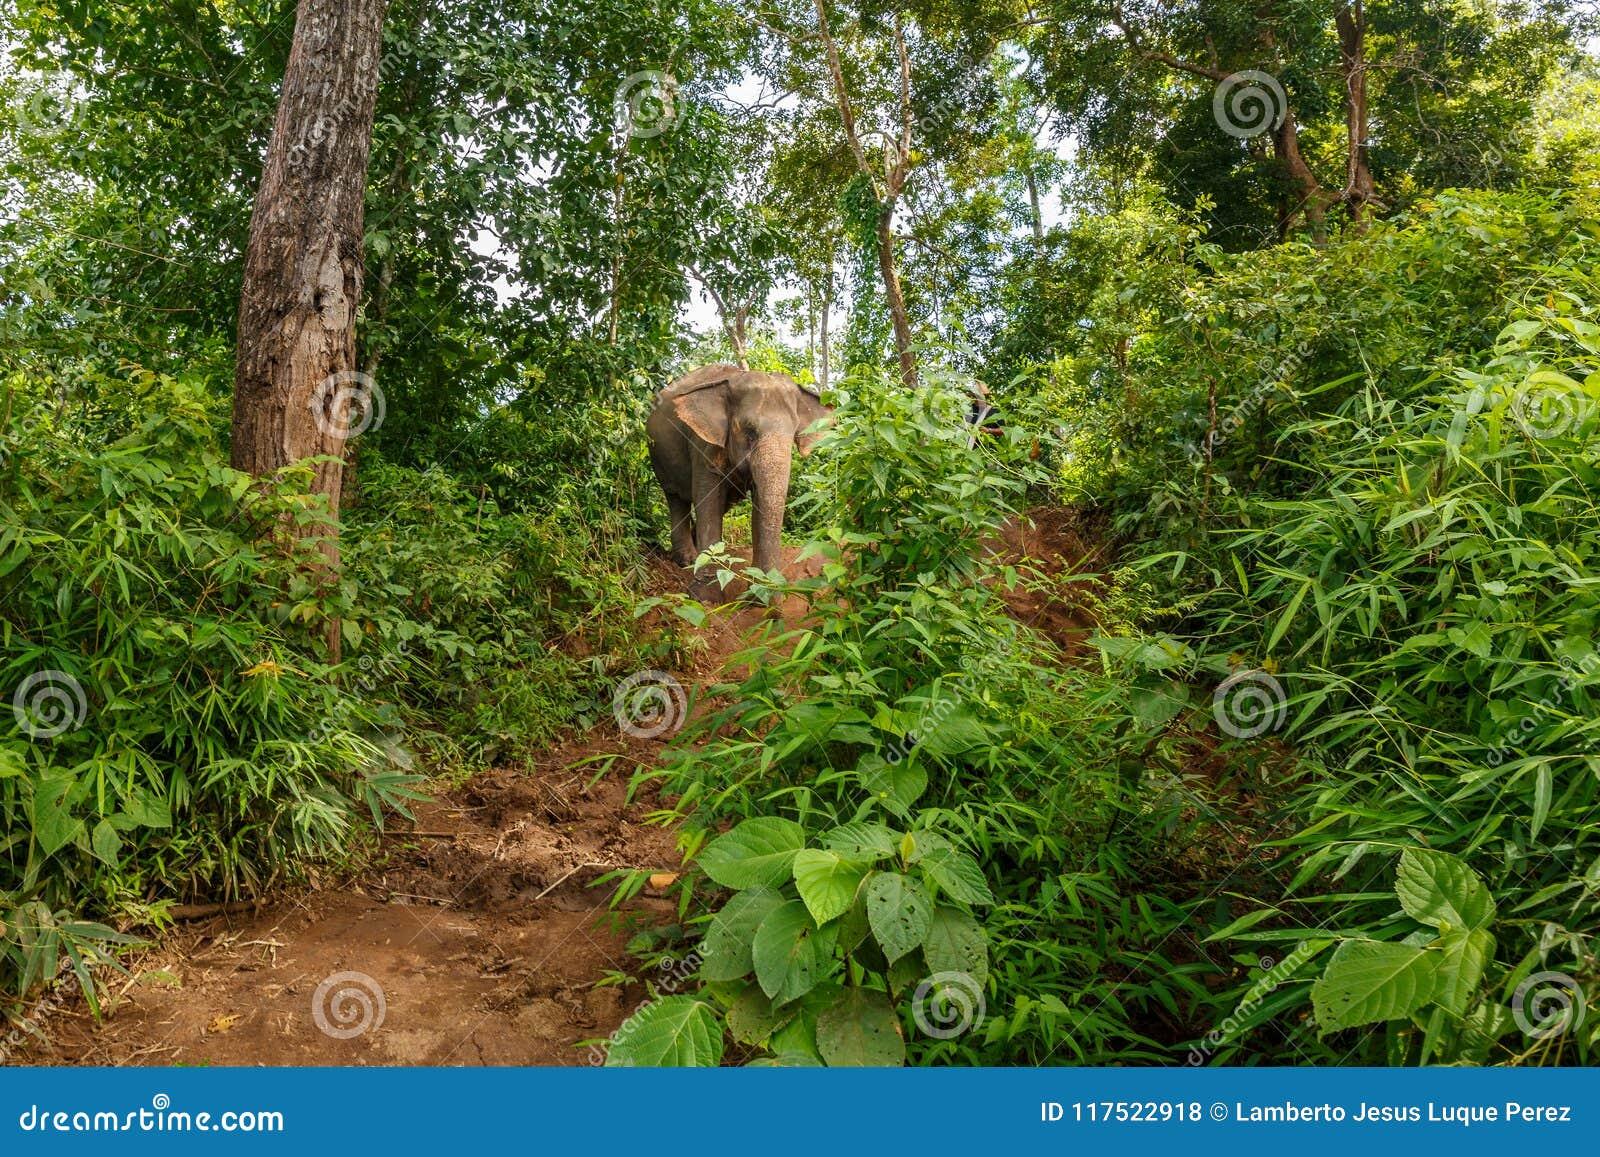 Un elefante cammina in mezzo alla giungla in Chiang Mai Thailand